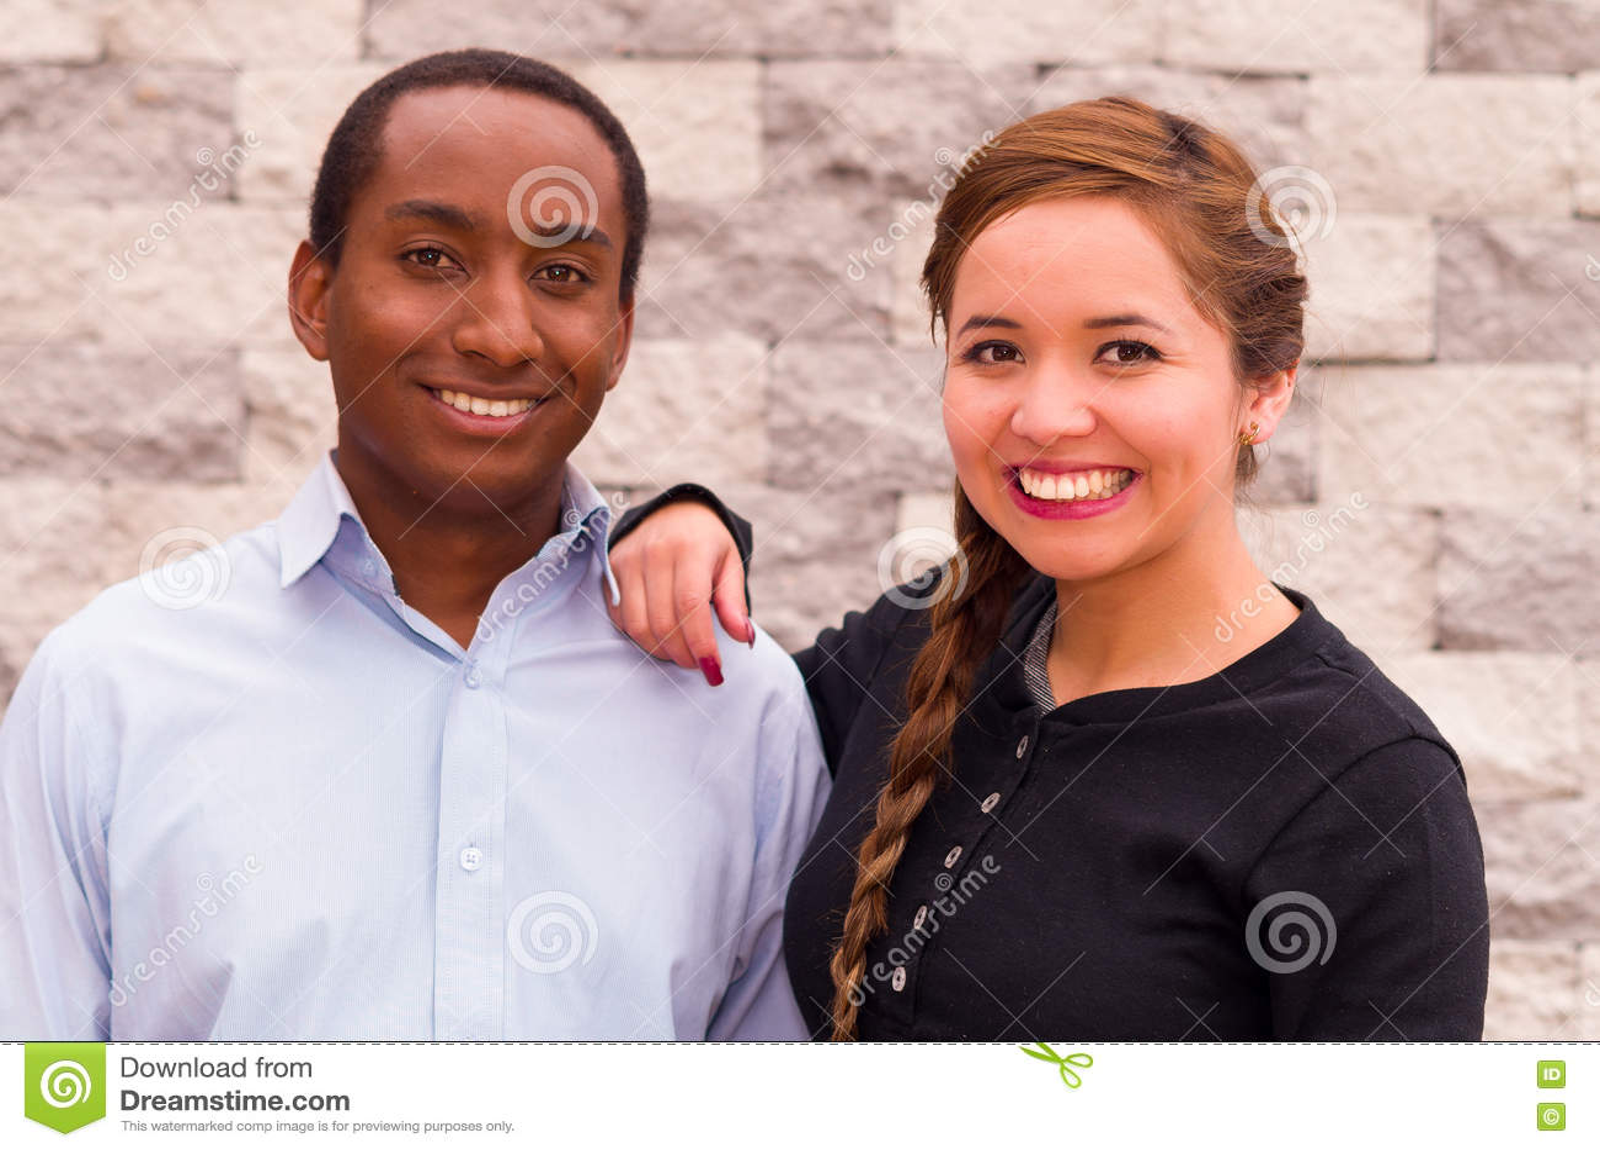 Межрасовые пары красивые фото фото 725-74